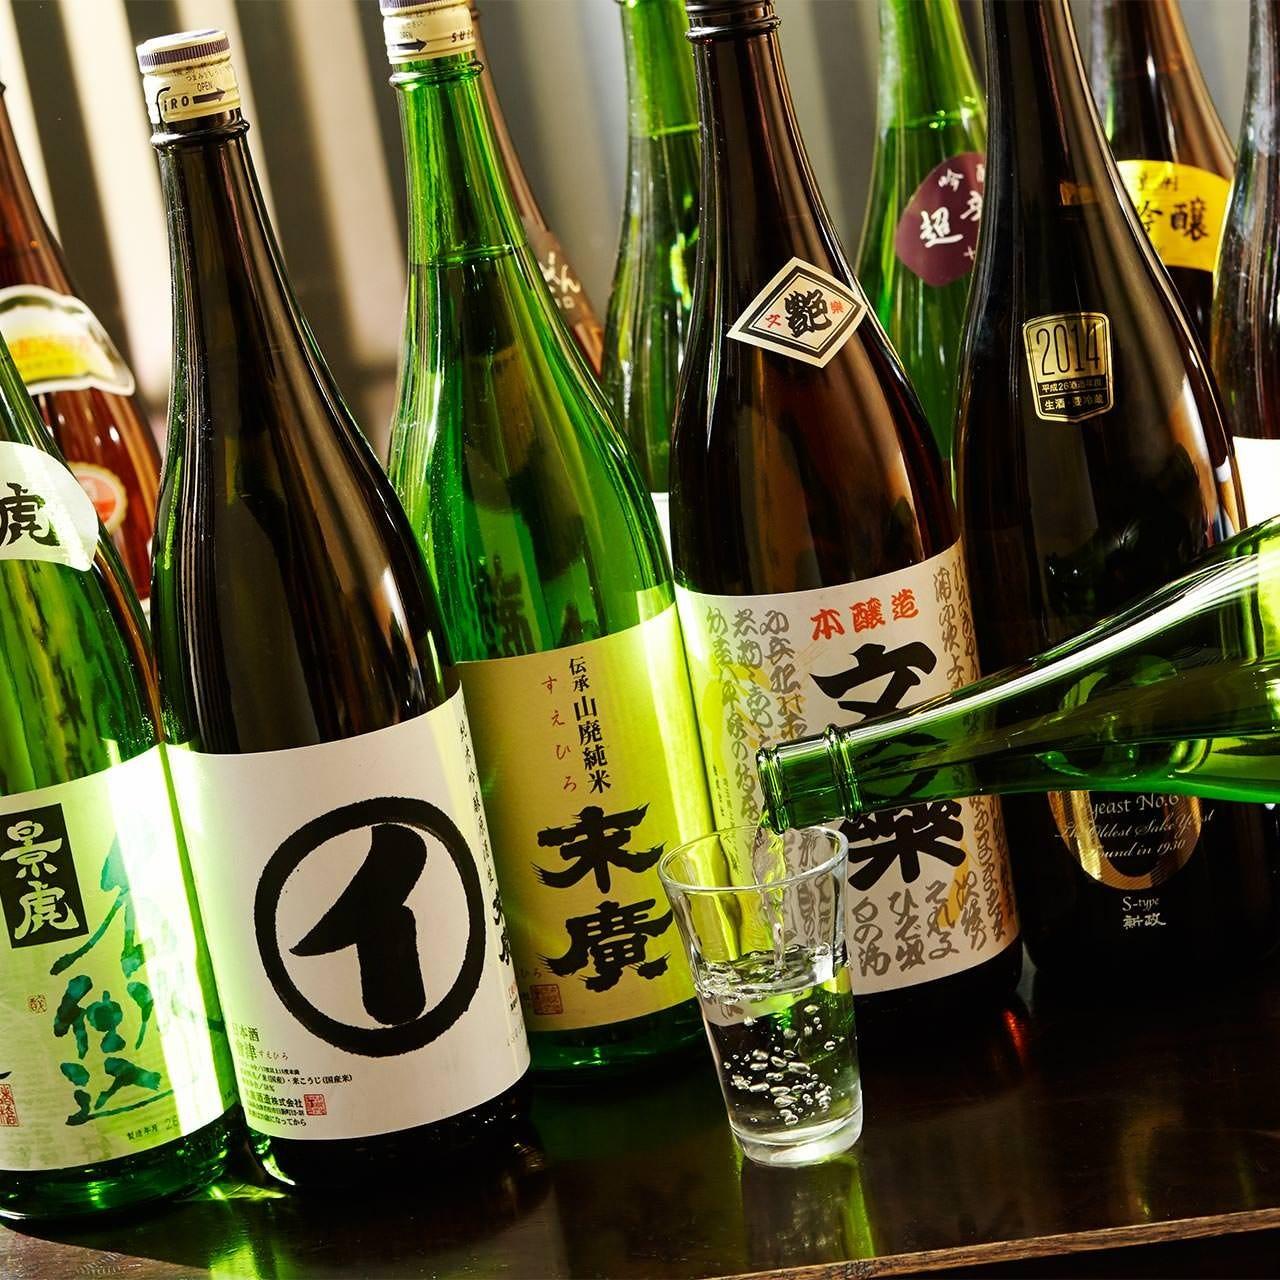 ◆厳選された40種類の日本酒を用意◆